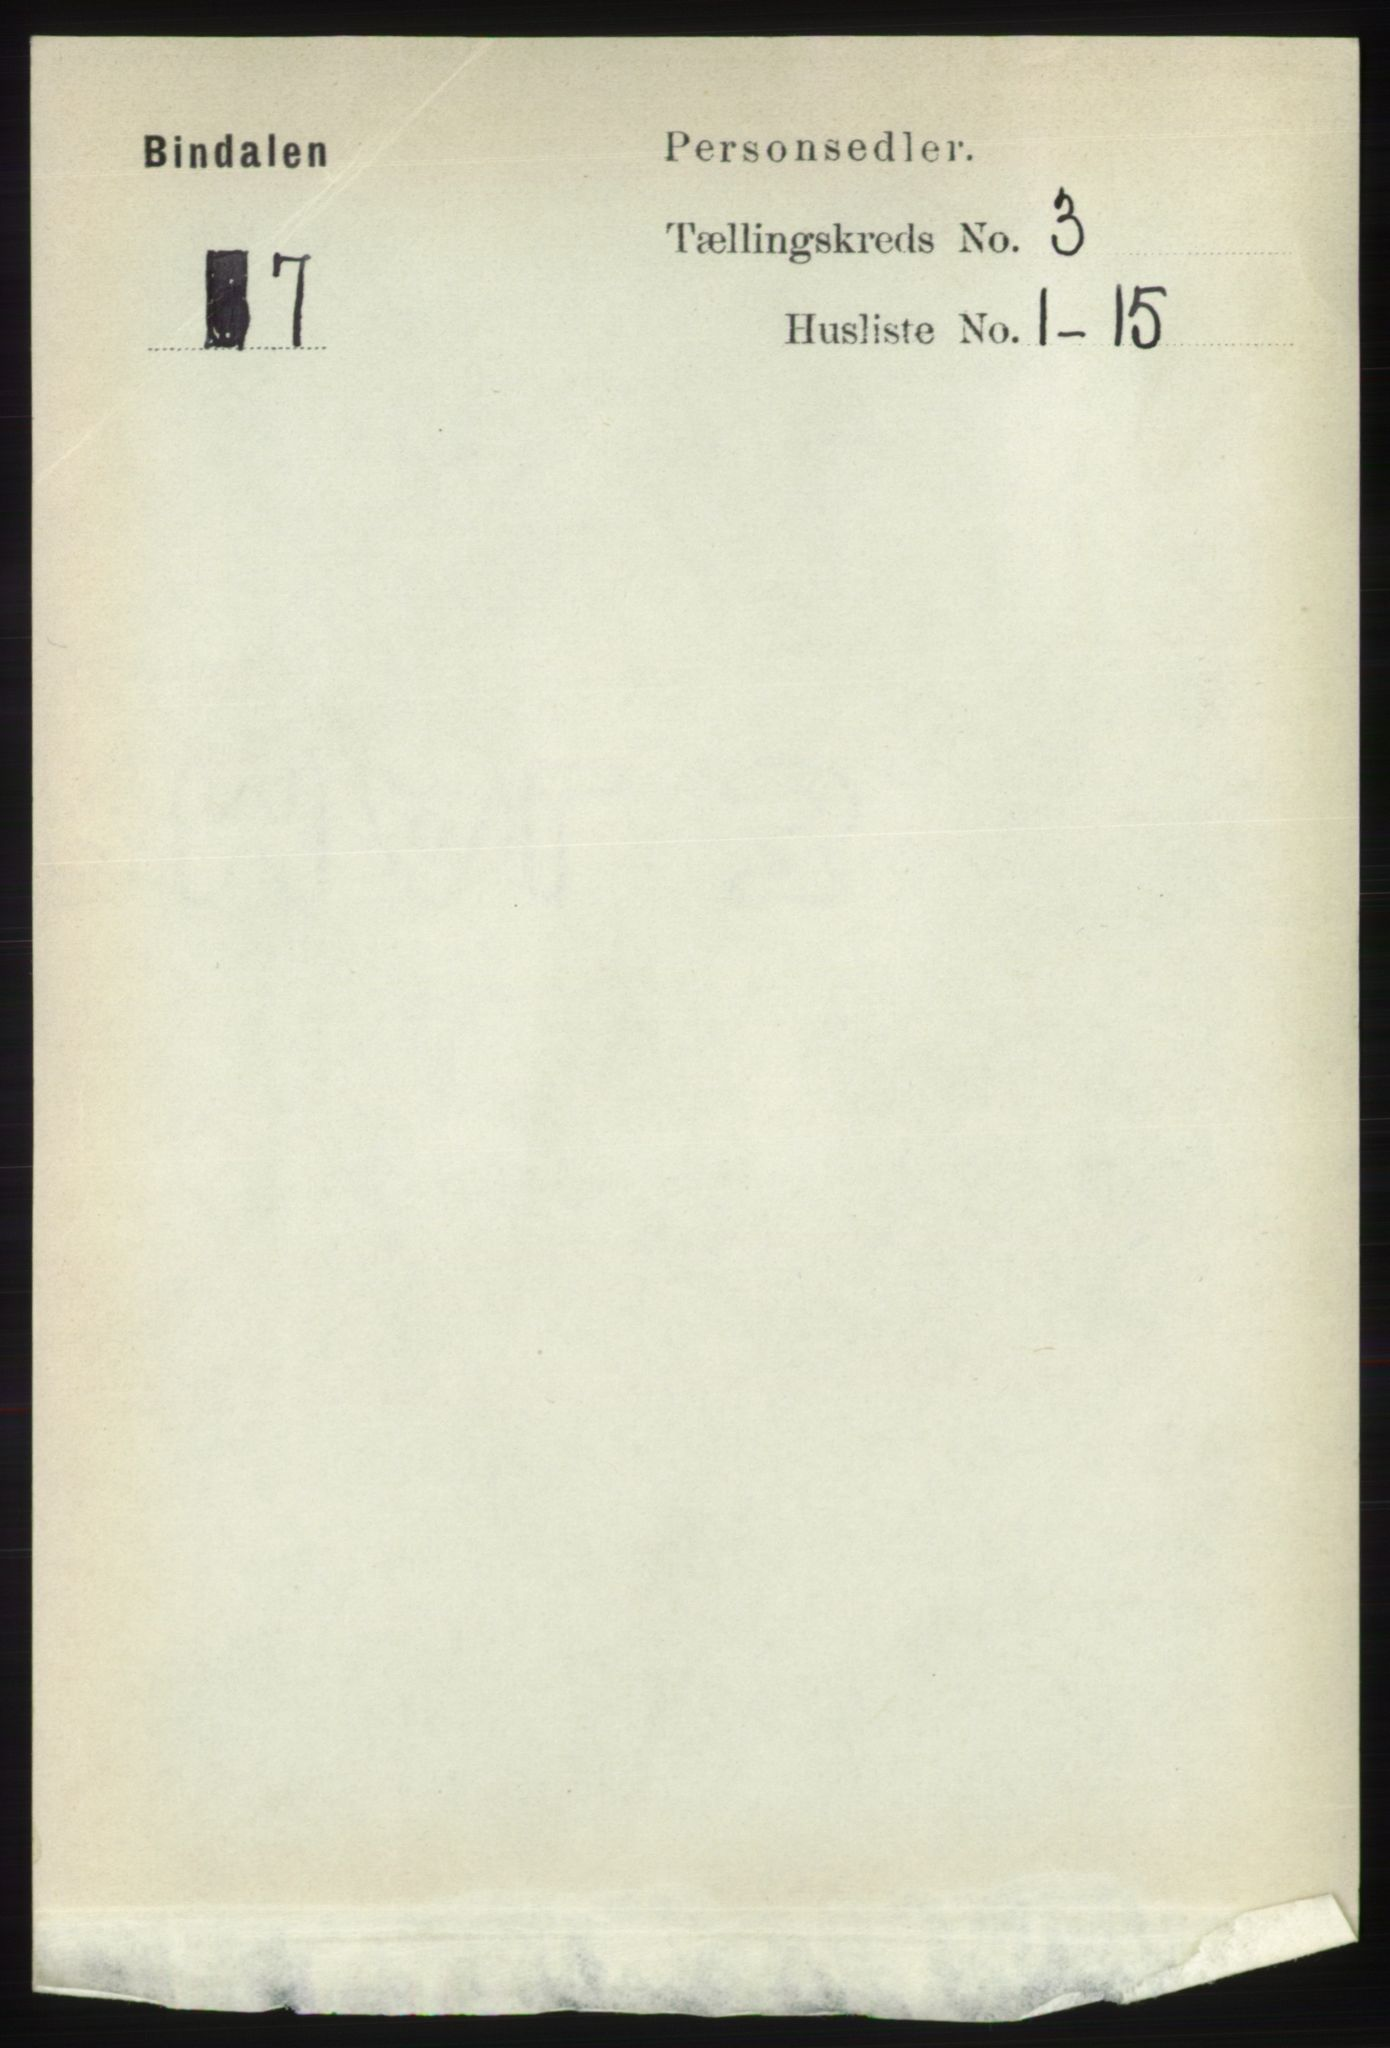 RA, Folketelling 1891 for 1811 Bindal herred, 1891, s. 645